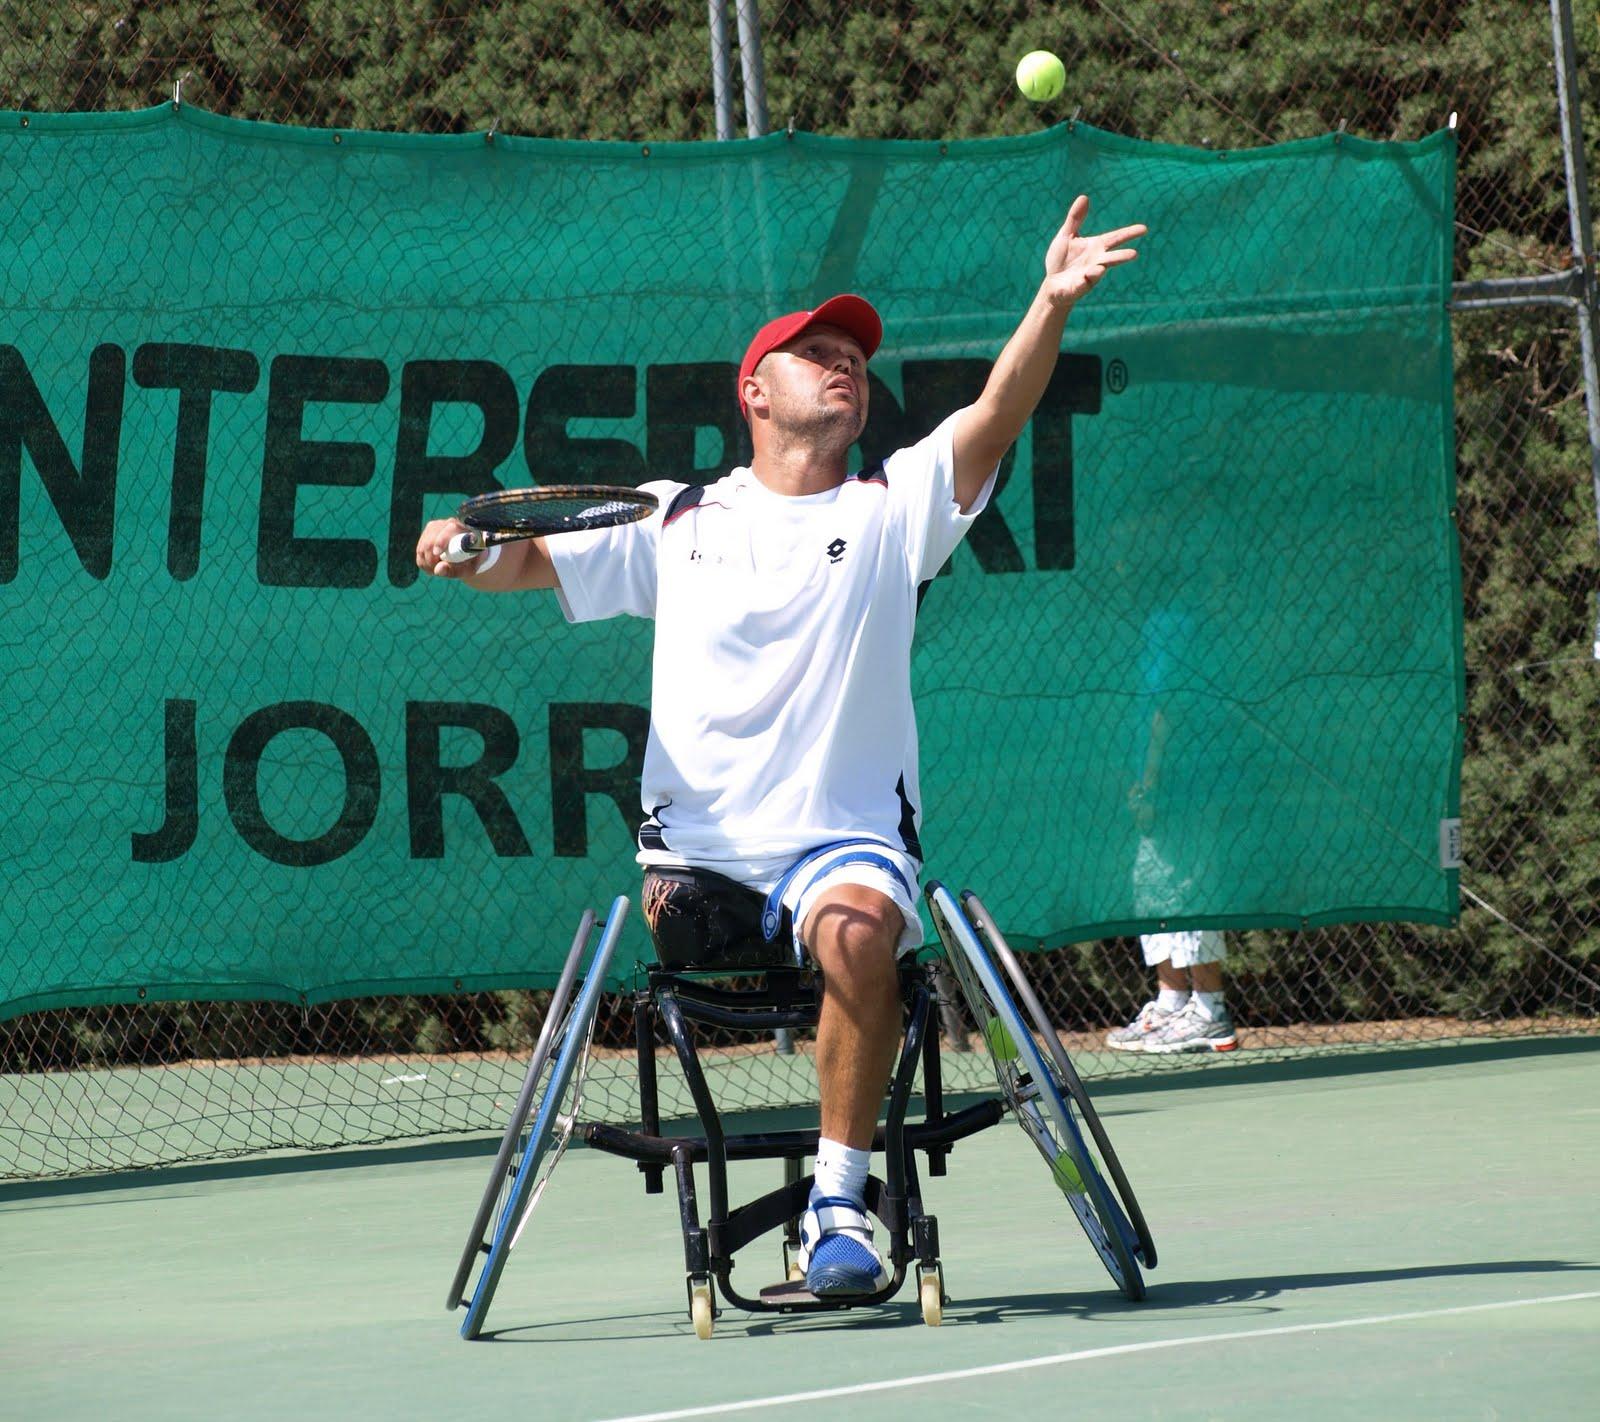 El tenis en silla de ruedas es una especialidad paralímpica